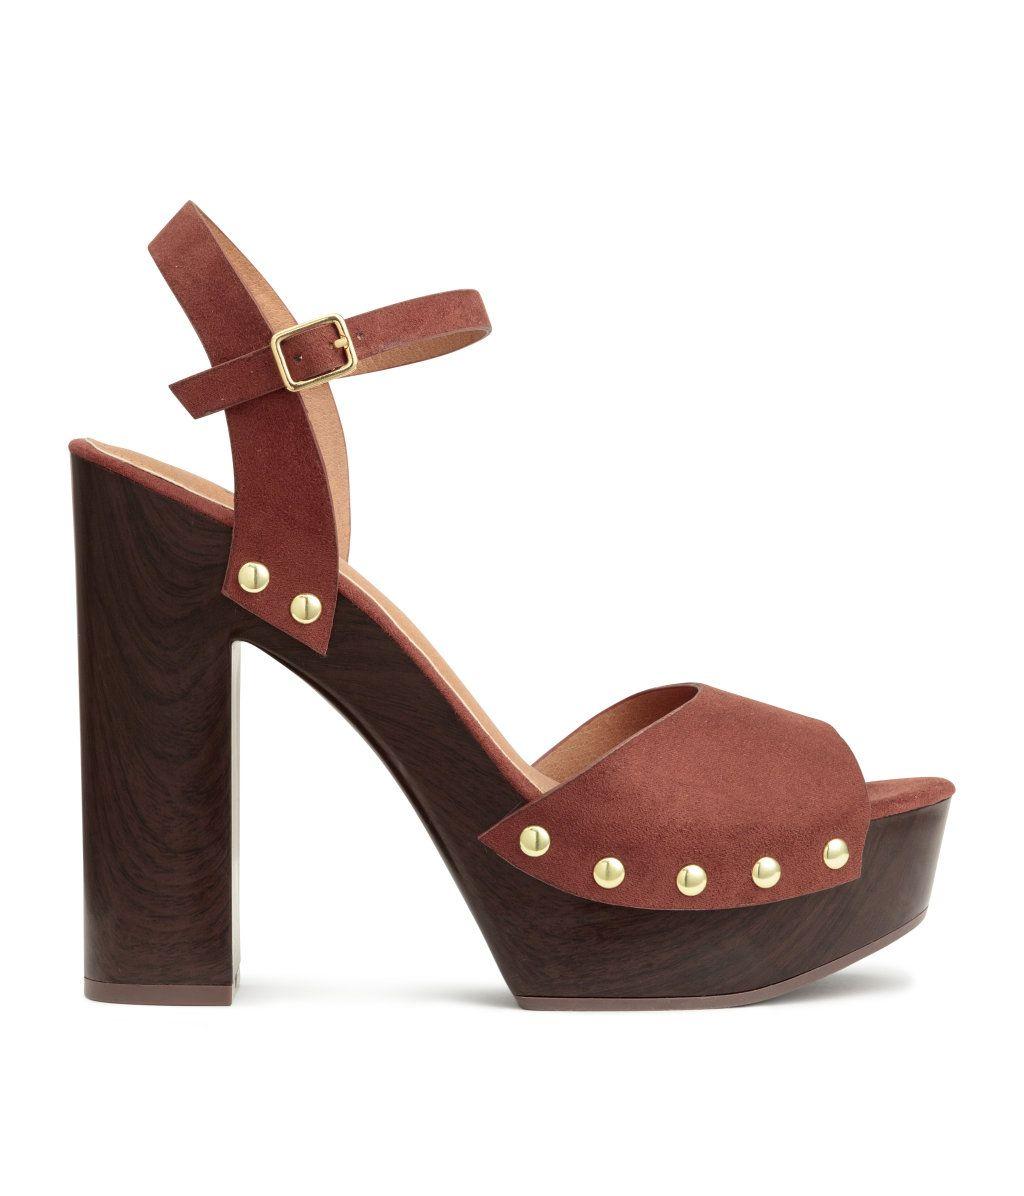 Rustbrun. Et par platåsandaletter i semsket skinnimitasjon med metallnagler. Sandalettene har regulerbar vristrem med elastikk og metallspenne. Fôr og